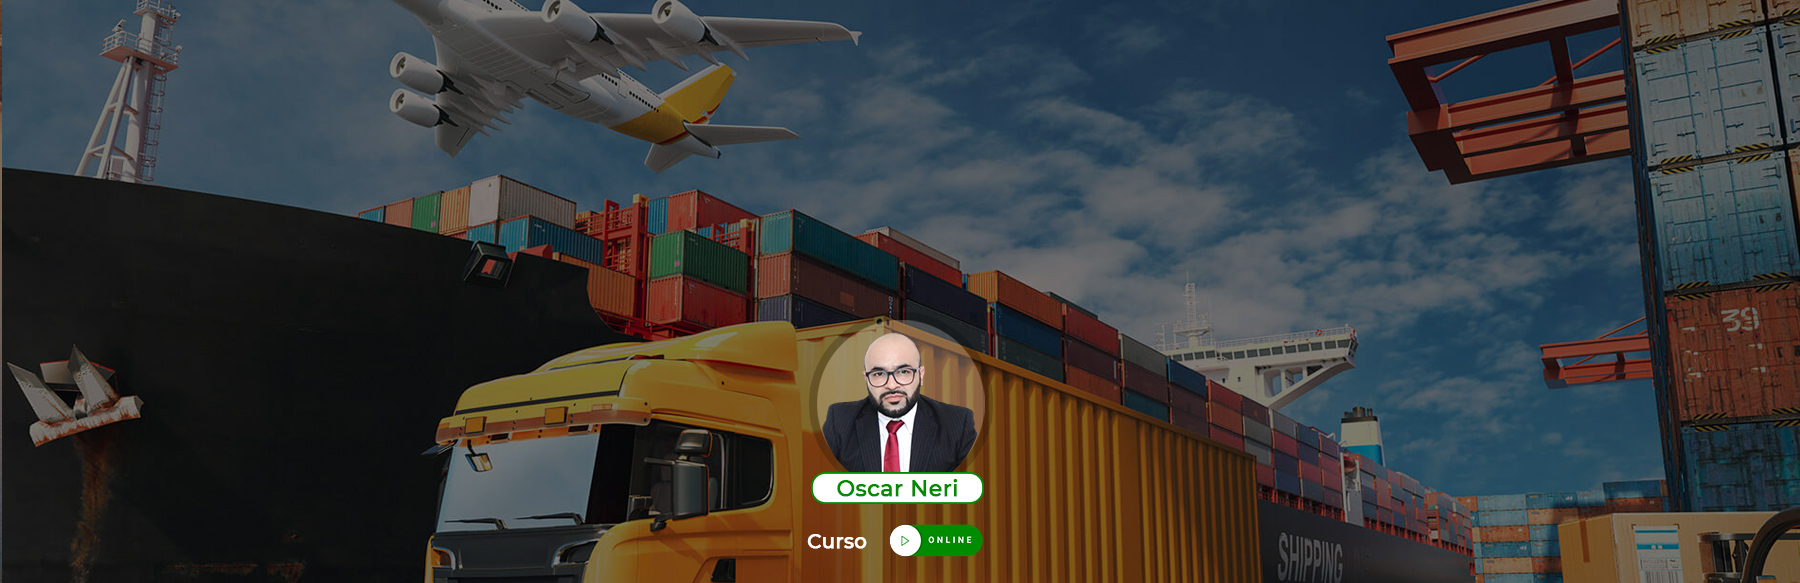 Introducción a la Exportación para el Sector Agroalimentario en agromooc